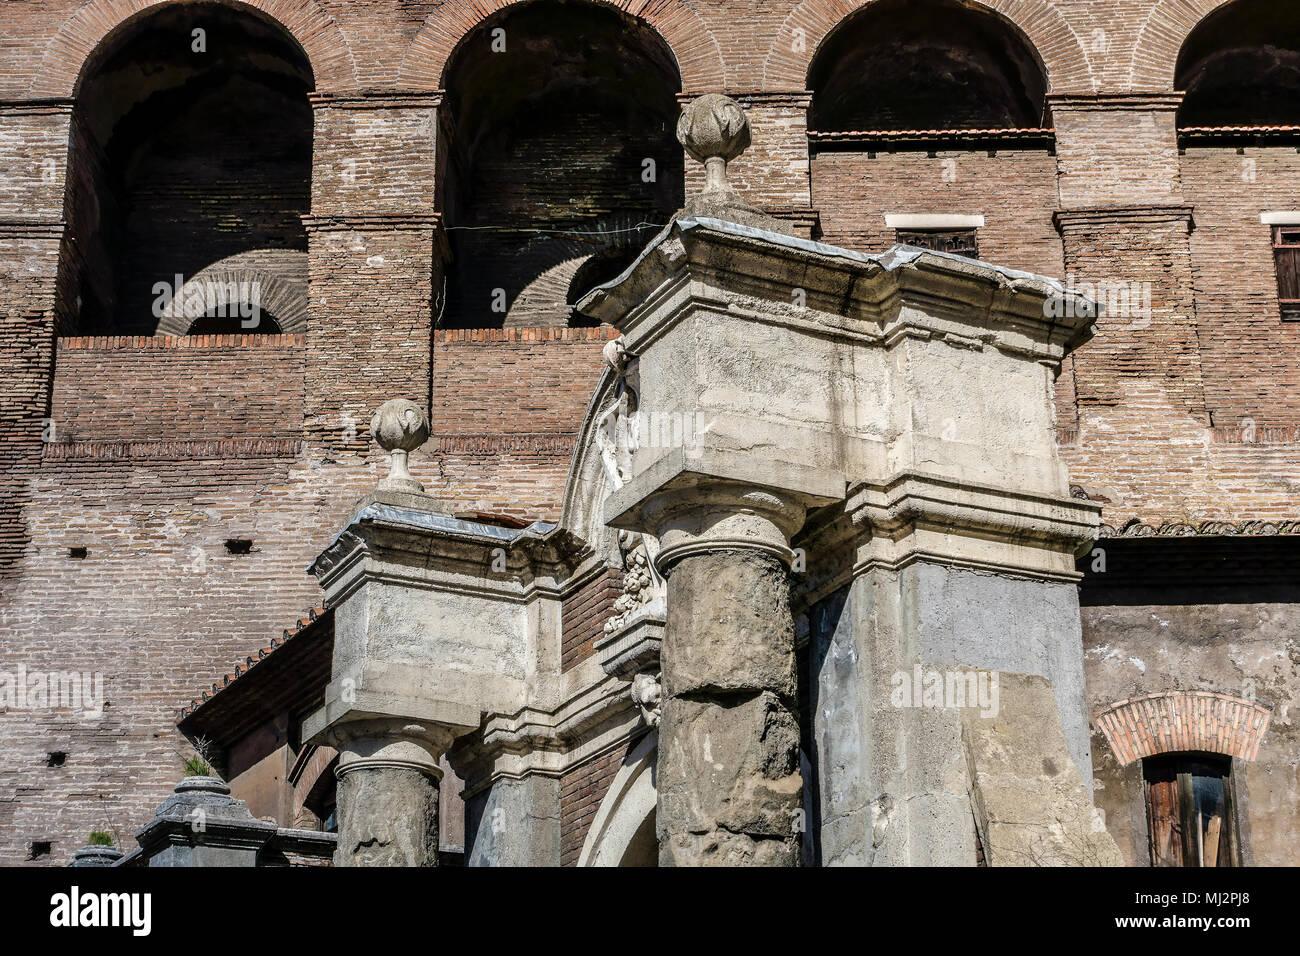 Salaria Gate (Porta Salaria) parte de la Muralla Aureliana (Mura Aureliane), construida por el emperador Aureliano en el siglo III AD. Imperio Romano. Roma, Italia. Imagen De Stock